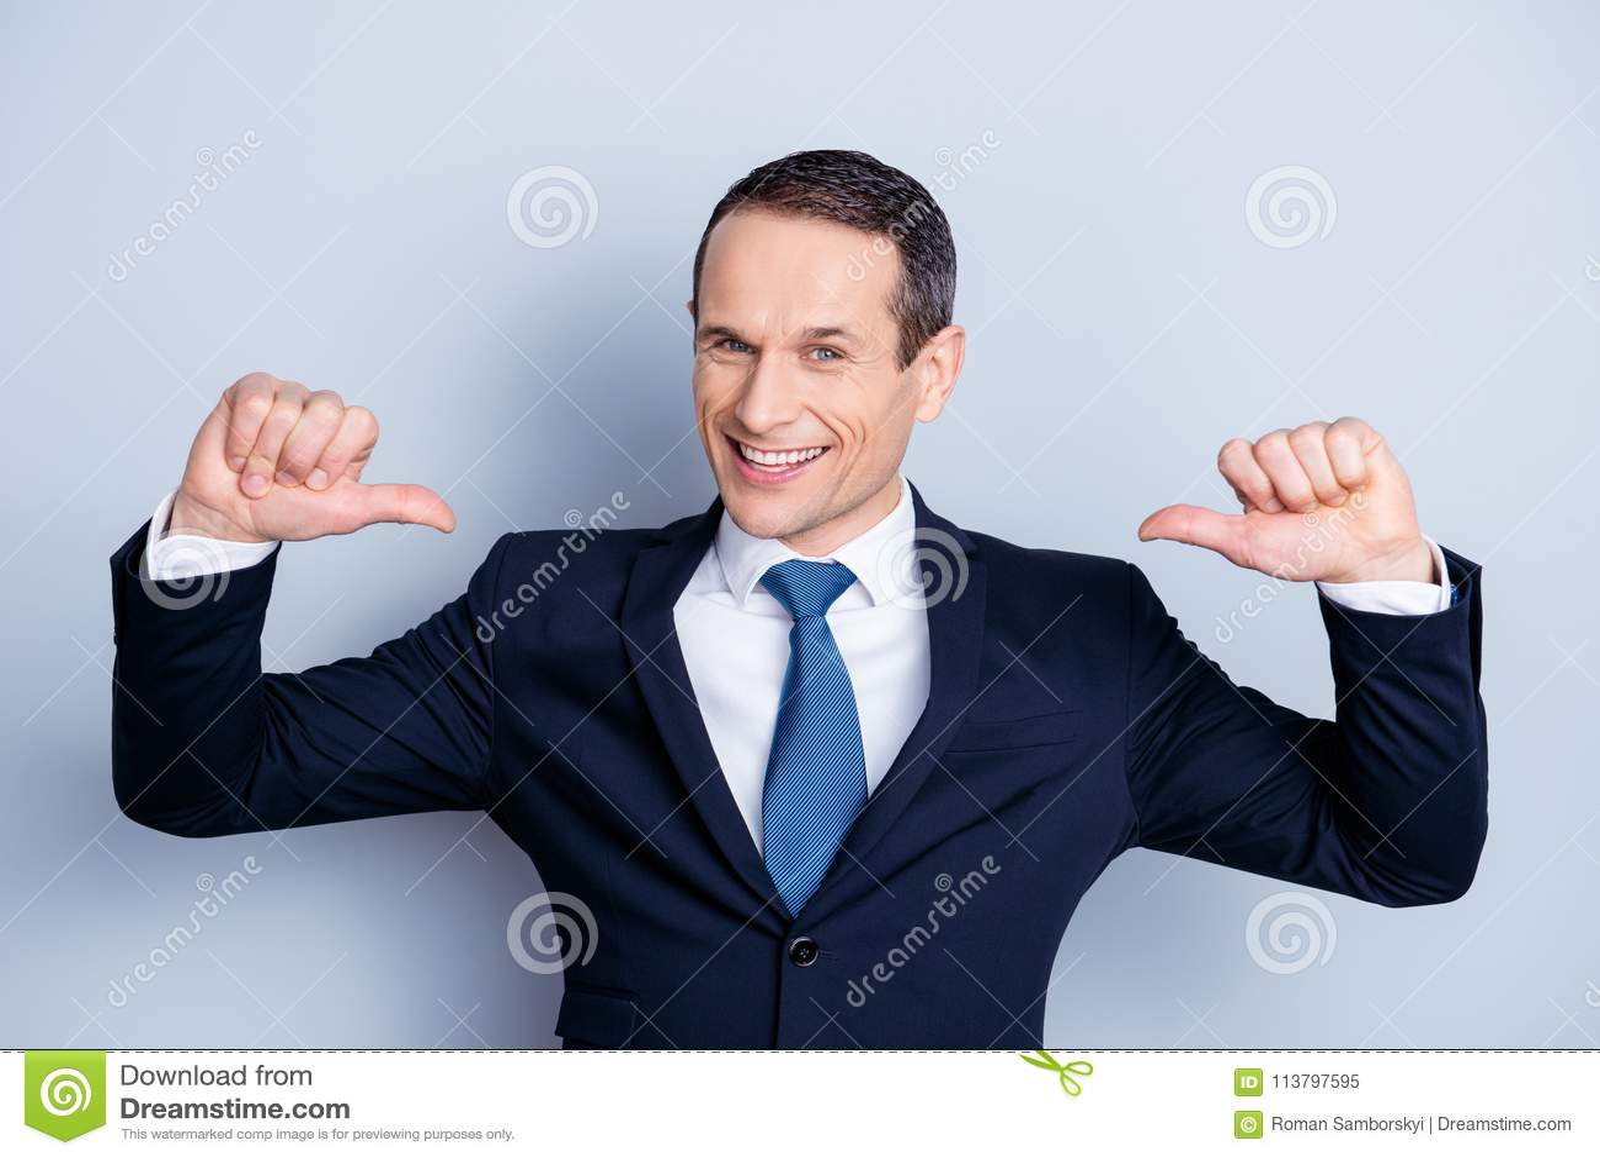 Жизнерадостный финансист, положительный экономист, уверенно политичный человек внутри